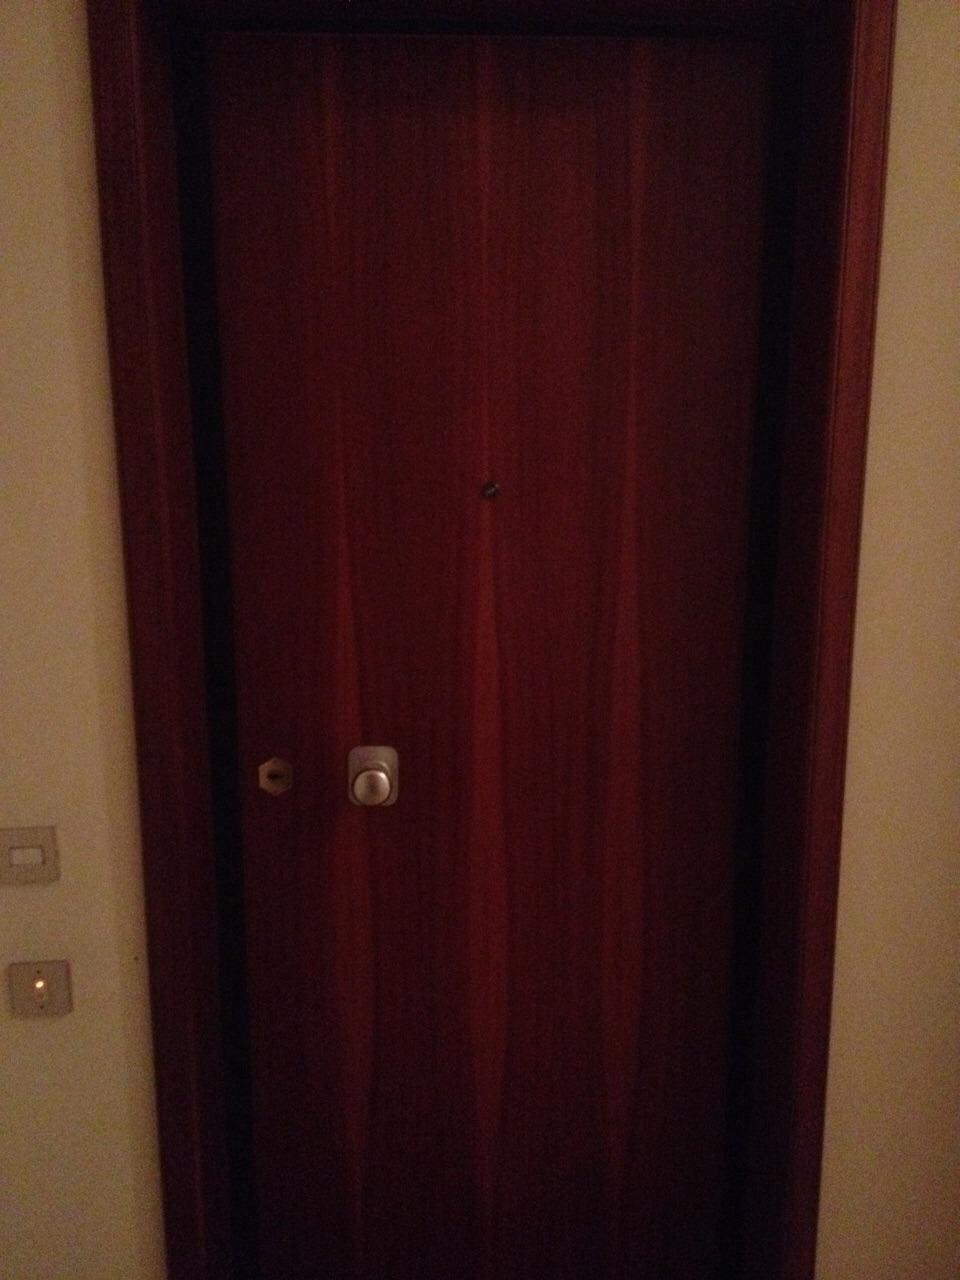 Sostituire Pannello Porta Blindata sostituzione pannello porta blindata • master key